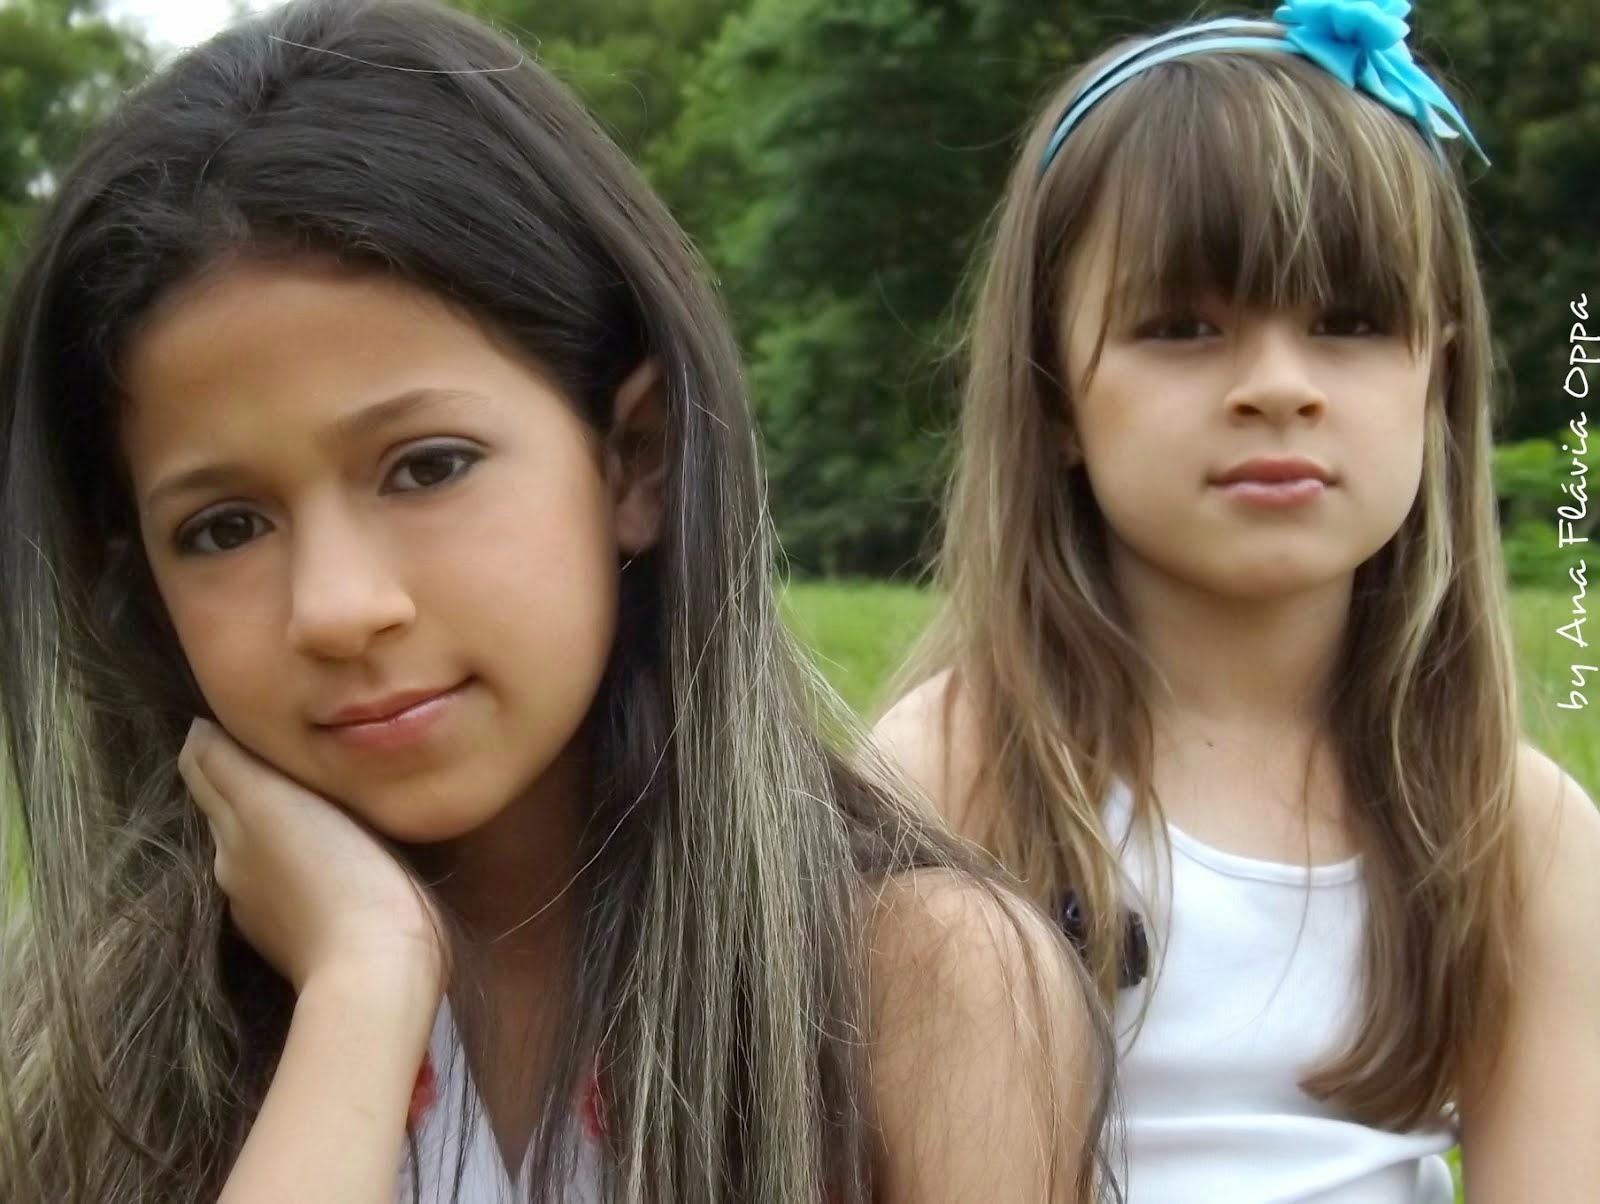 Ana Clara e Isabella Oppa